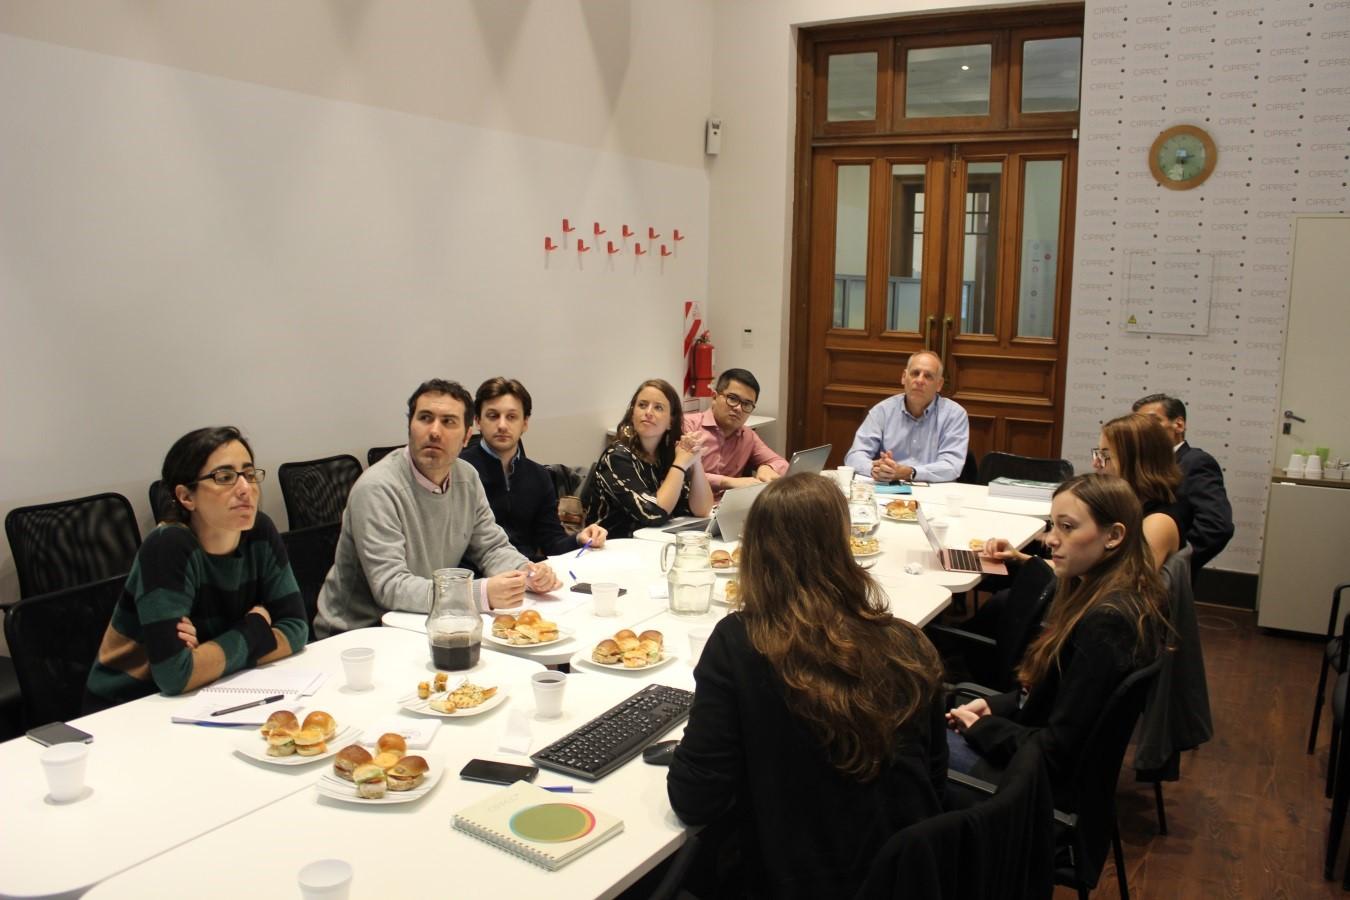 Reunión sobre empresas públicas en el auditorio de CIPPEC con representantes de nuestra organización y otras entidades.